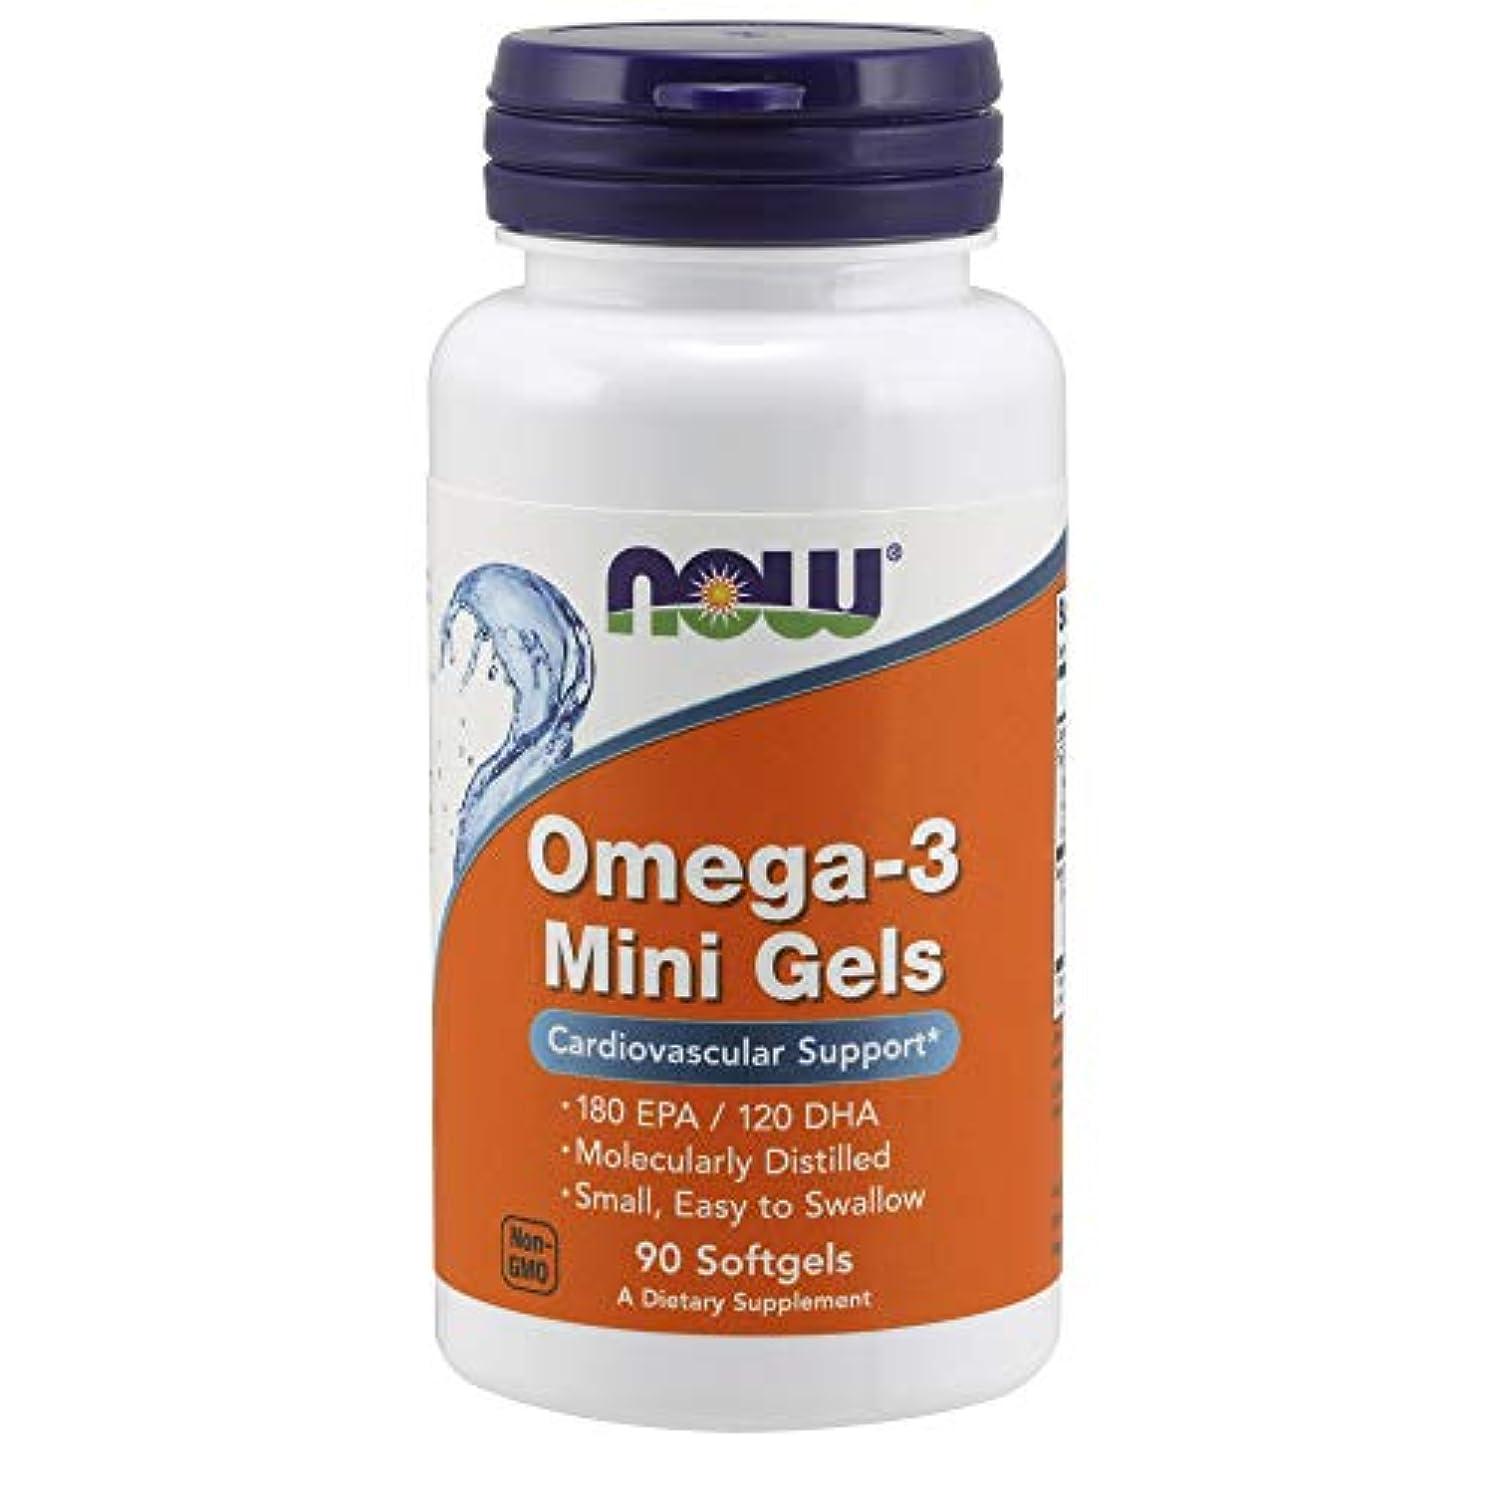 性格すずめもの[海外直送品] ナウフーズ   Omega-3 Mini Gels 90 softgels 500 mg